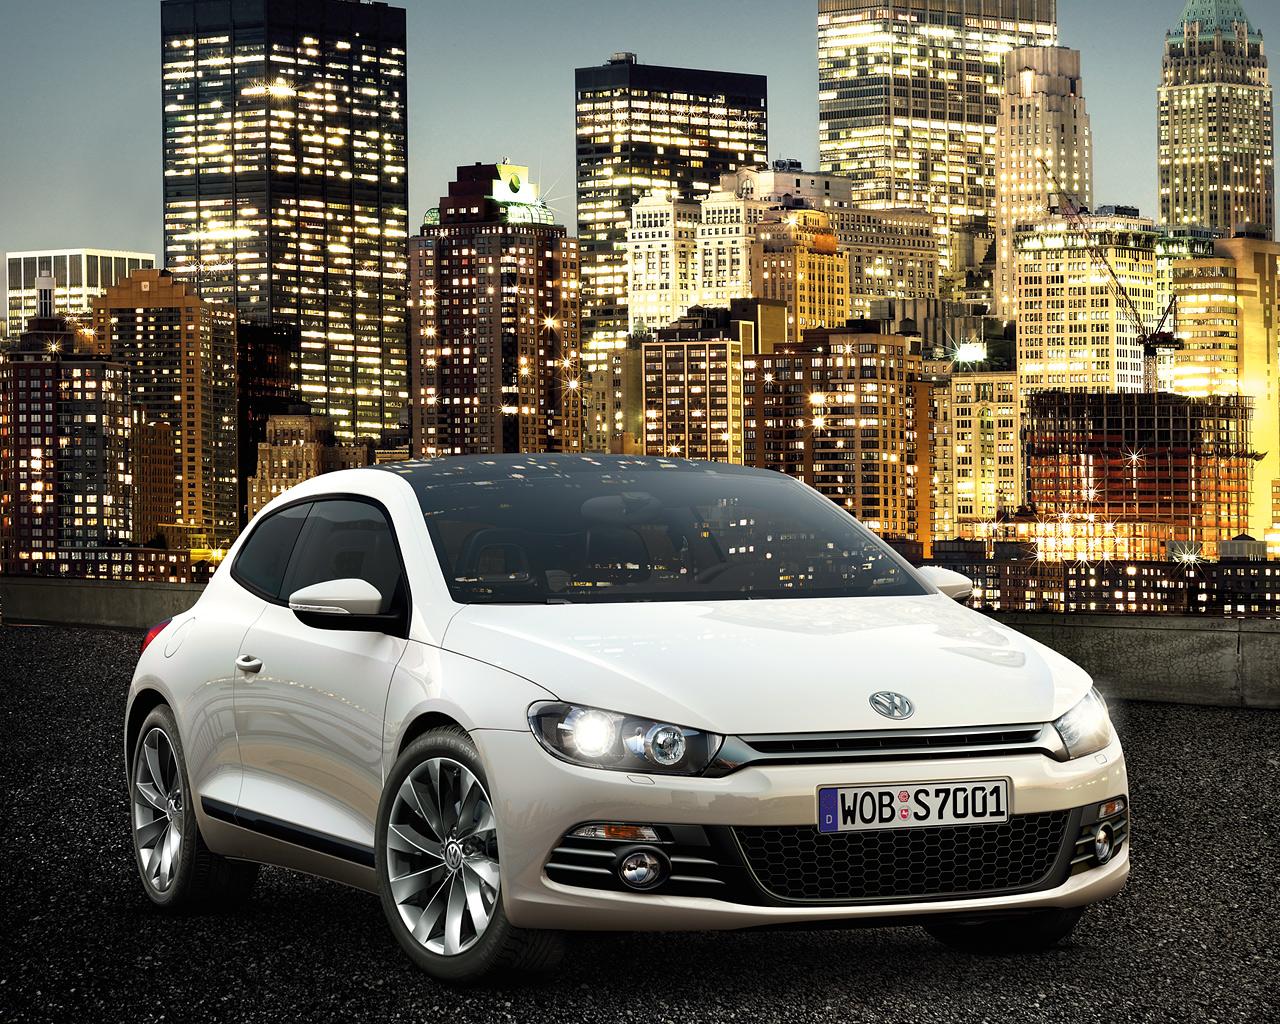 volkswagen wallpaper (Volkswagen Scirocco)